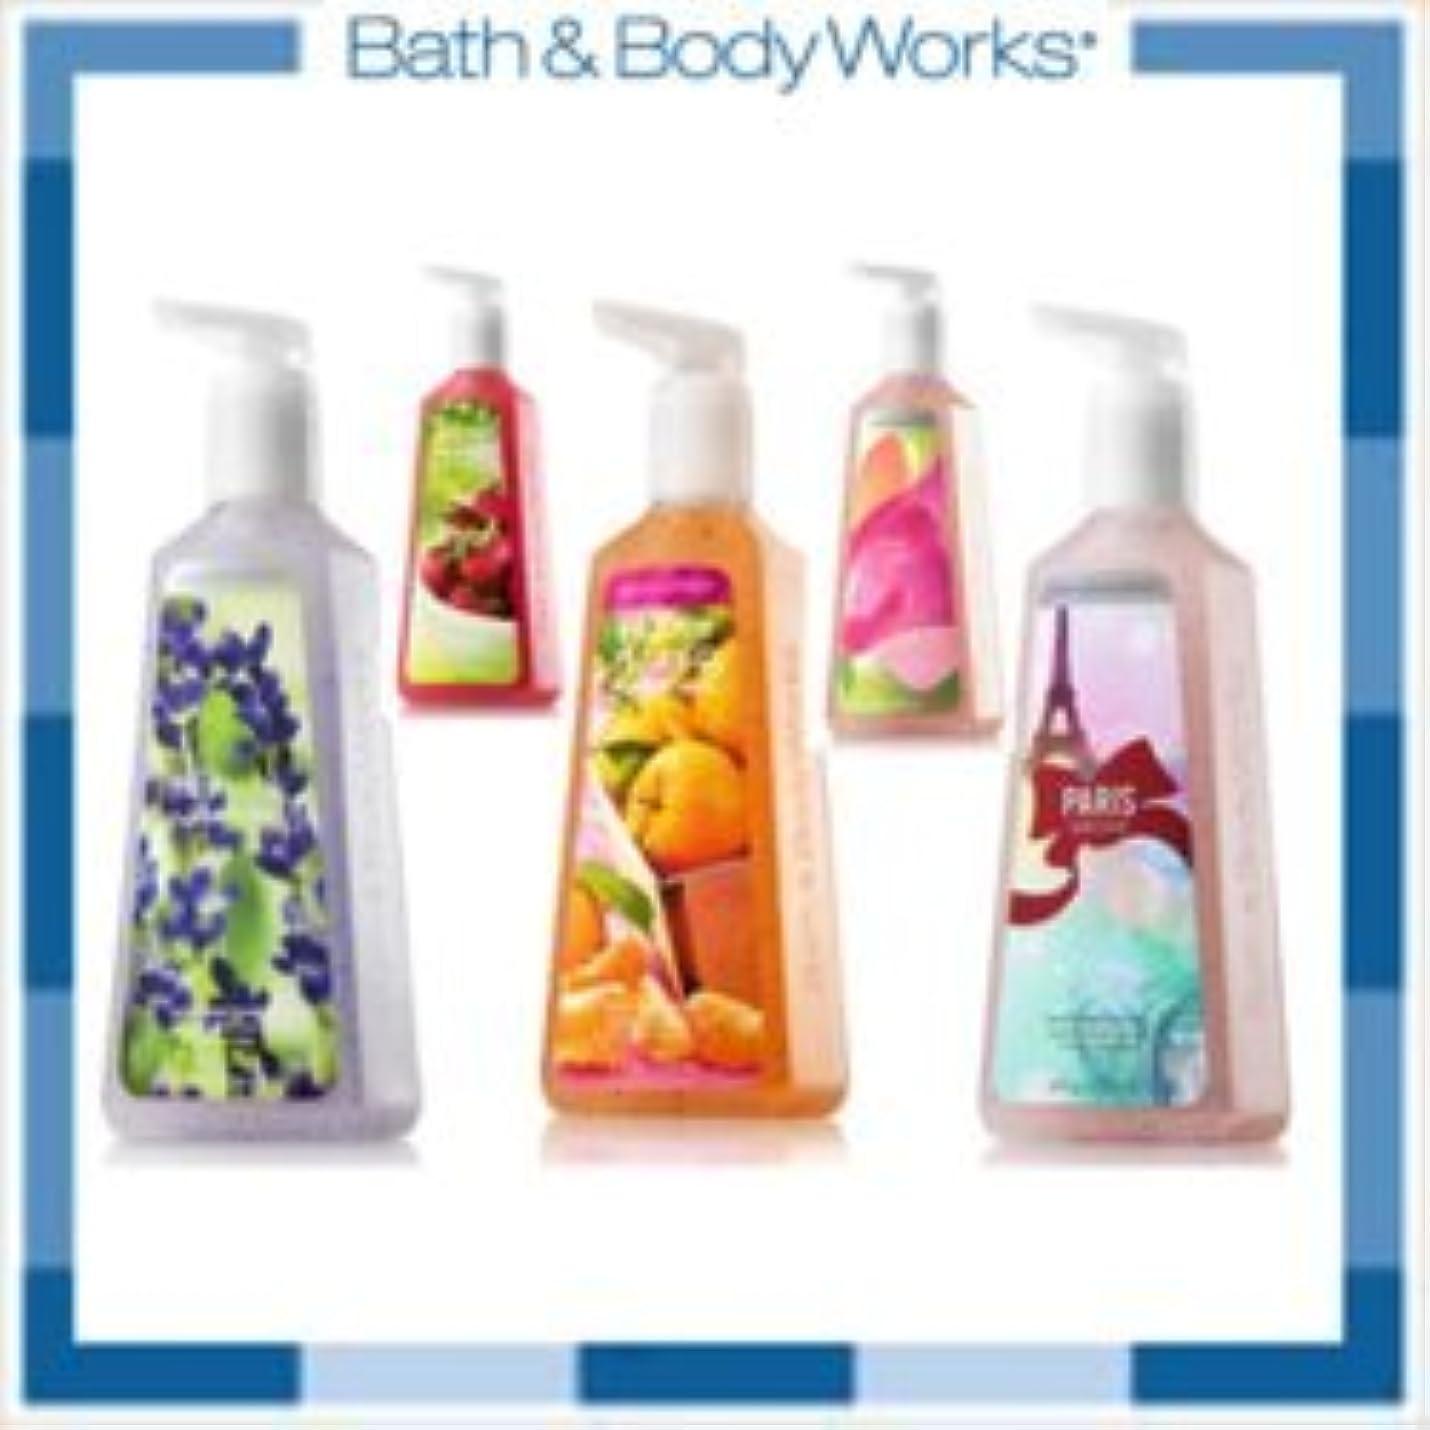 荒らす悪い充電Bath & Body Works ハンドソープ 8本詰め合わせセット (???????、??????????????or MIX) 【平行輸入品】 (ディープクレンジング  (8本))